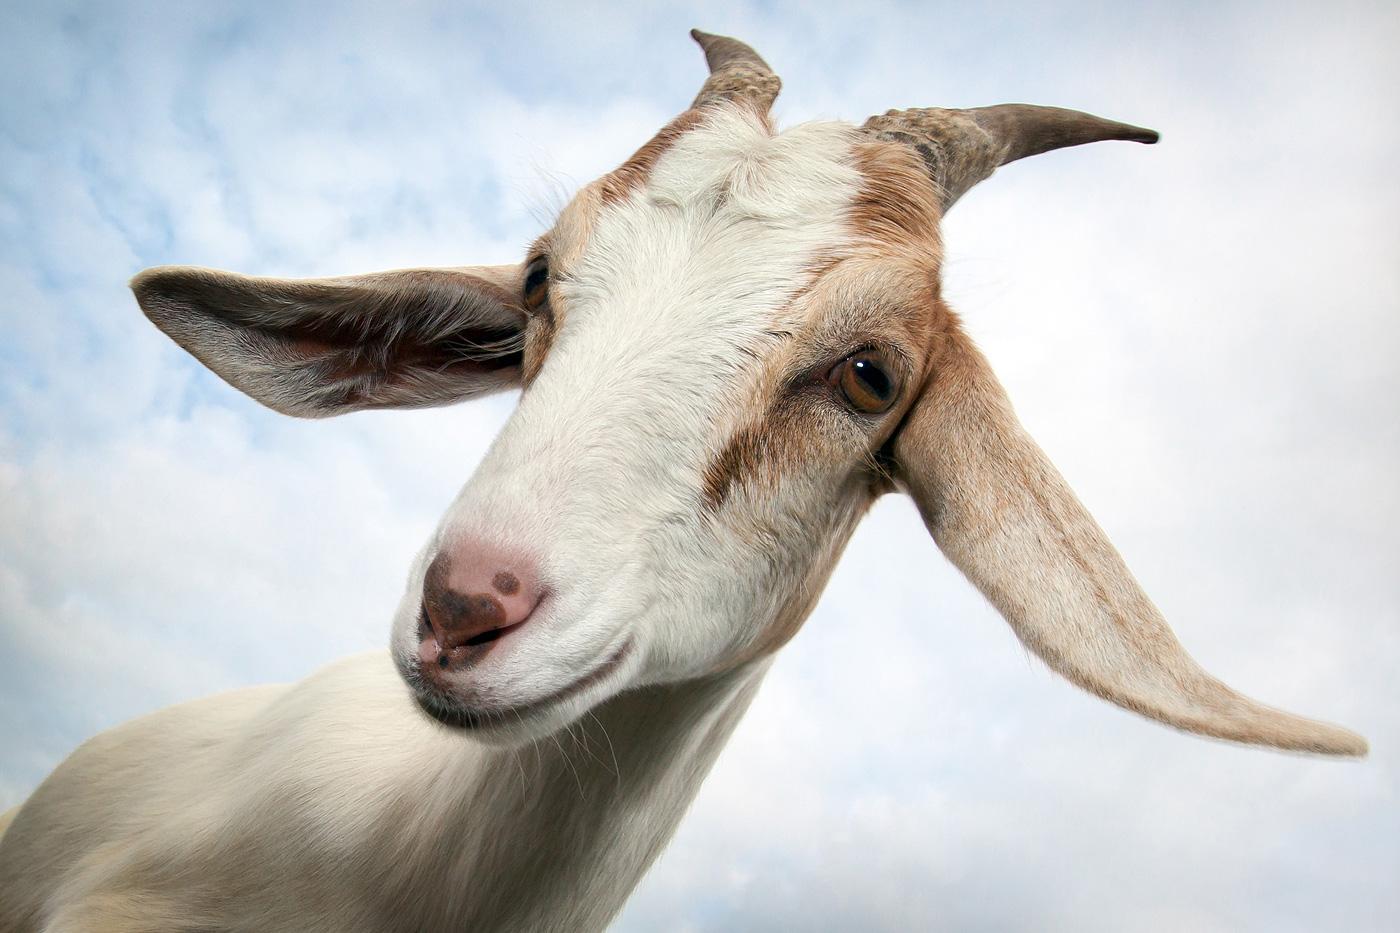 коза, портрет, небо, взгляд, флирт, улыбка, животное, природа,